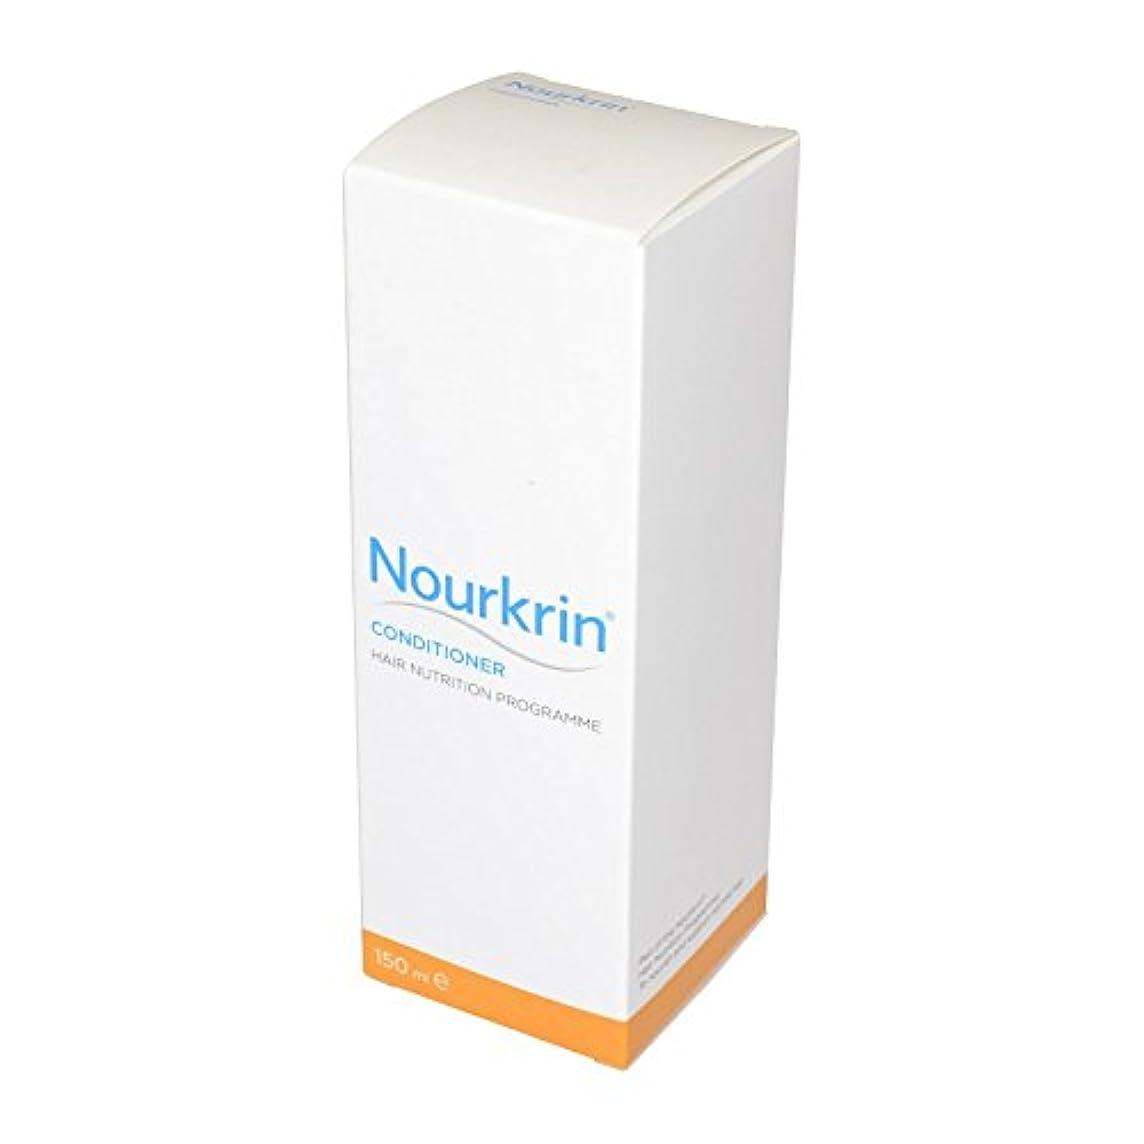 ブレス休日にサラダNourkrinコンディショナー - Nourkrin Conditioner (Nourkrin) [並行輸入品]